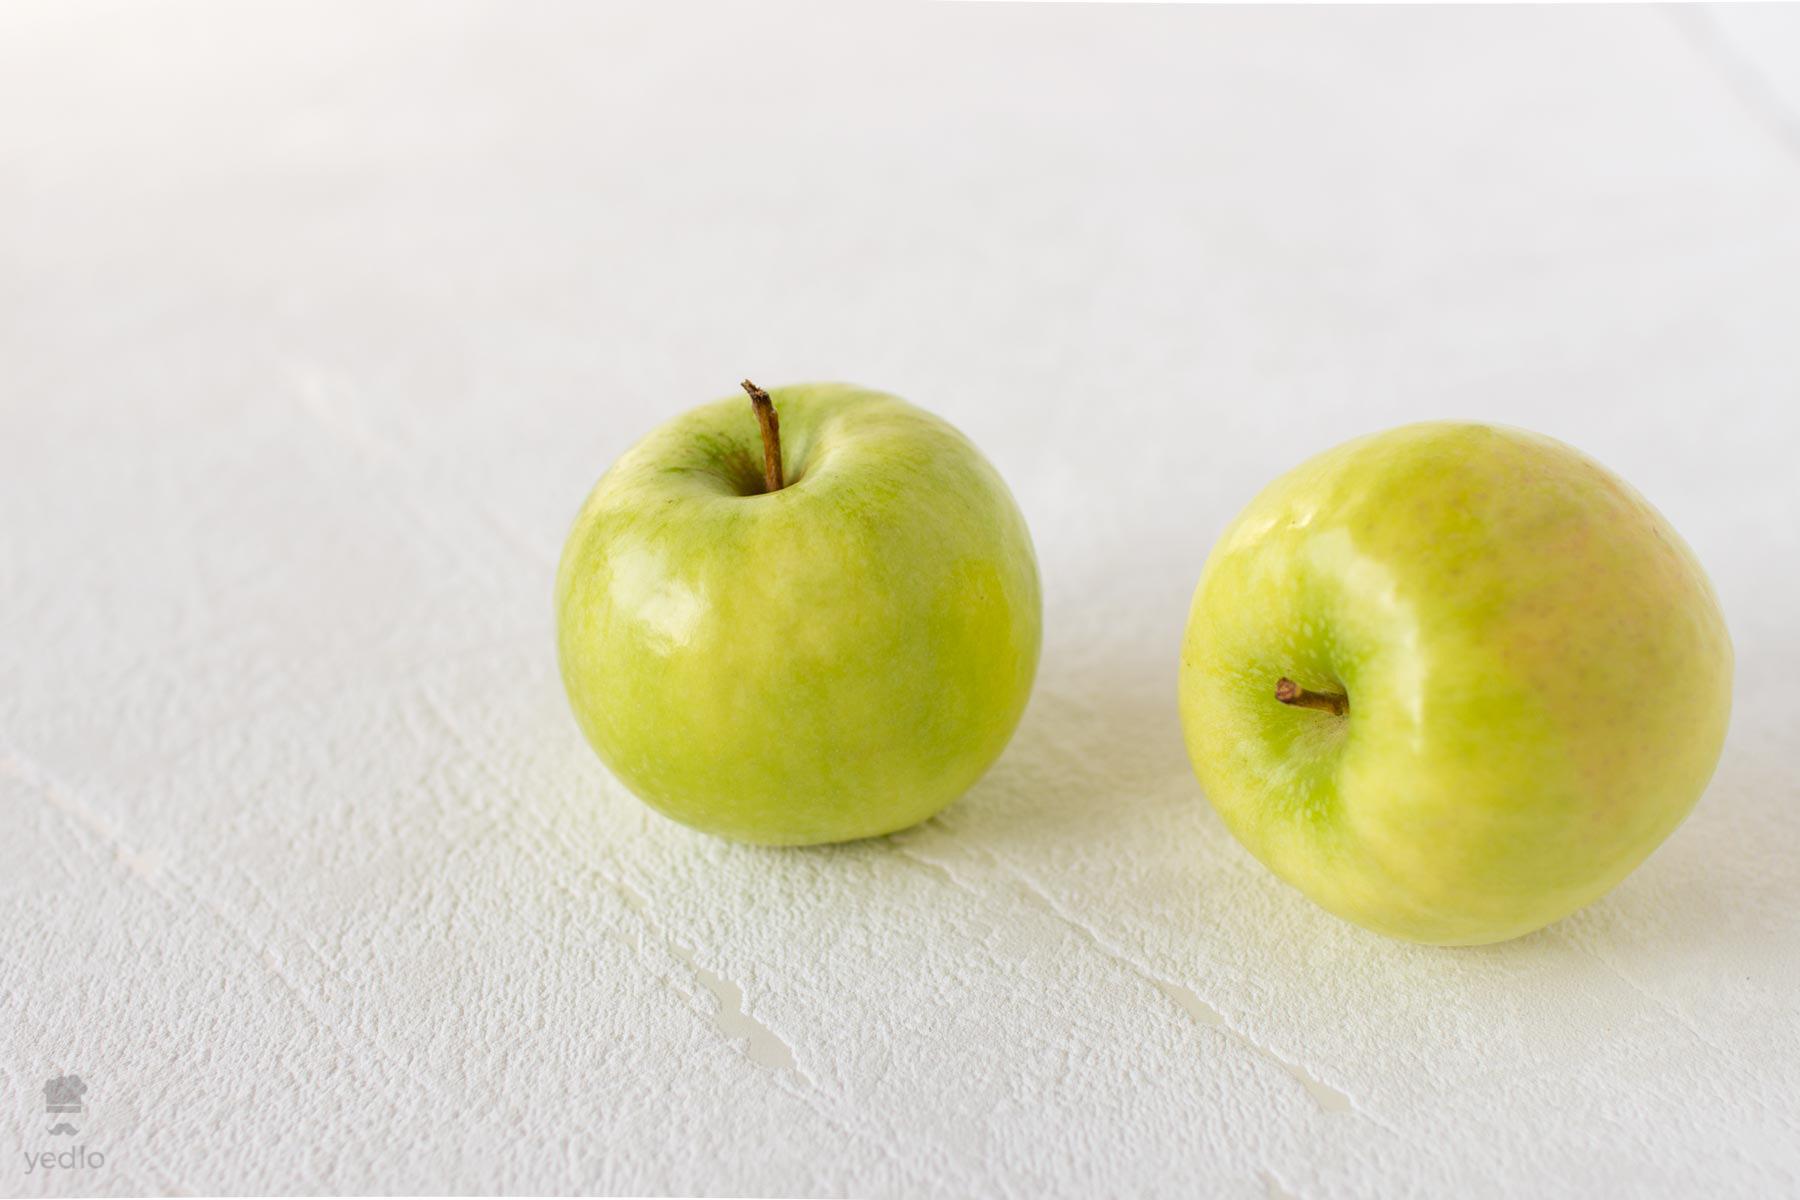 Dve zelene jablka na bielom podklade